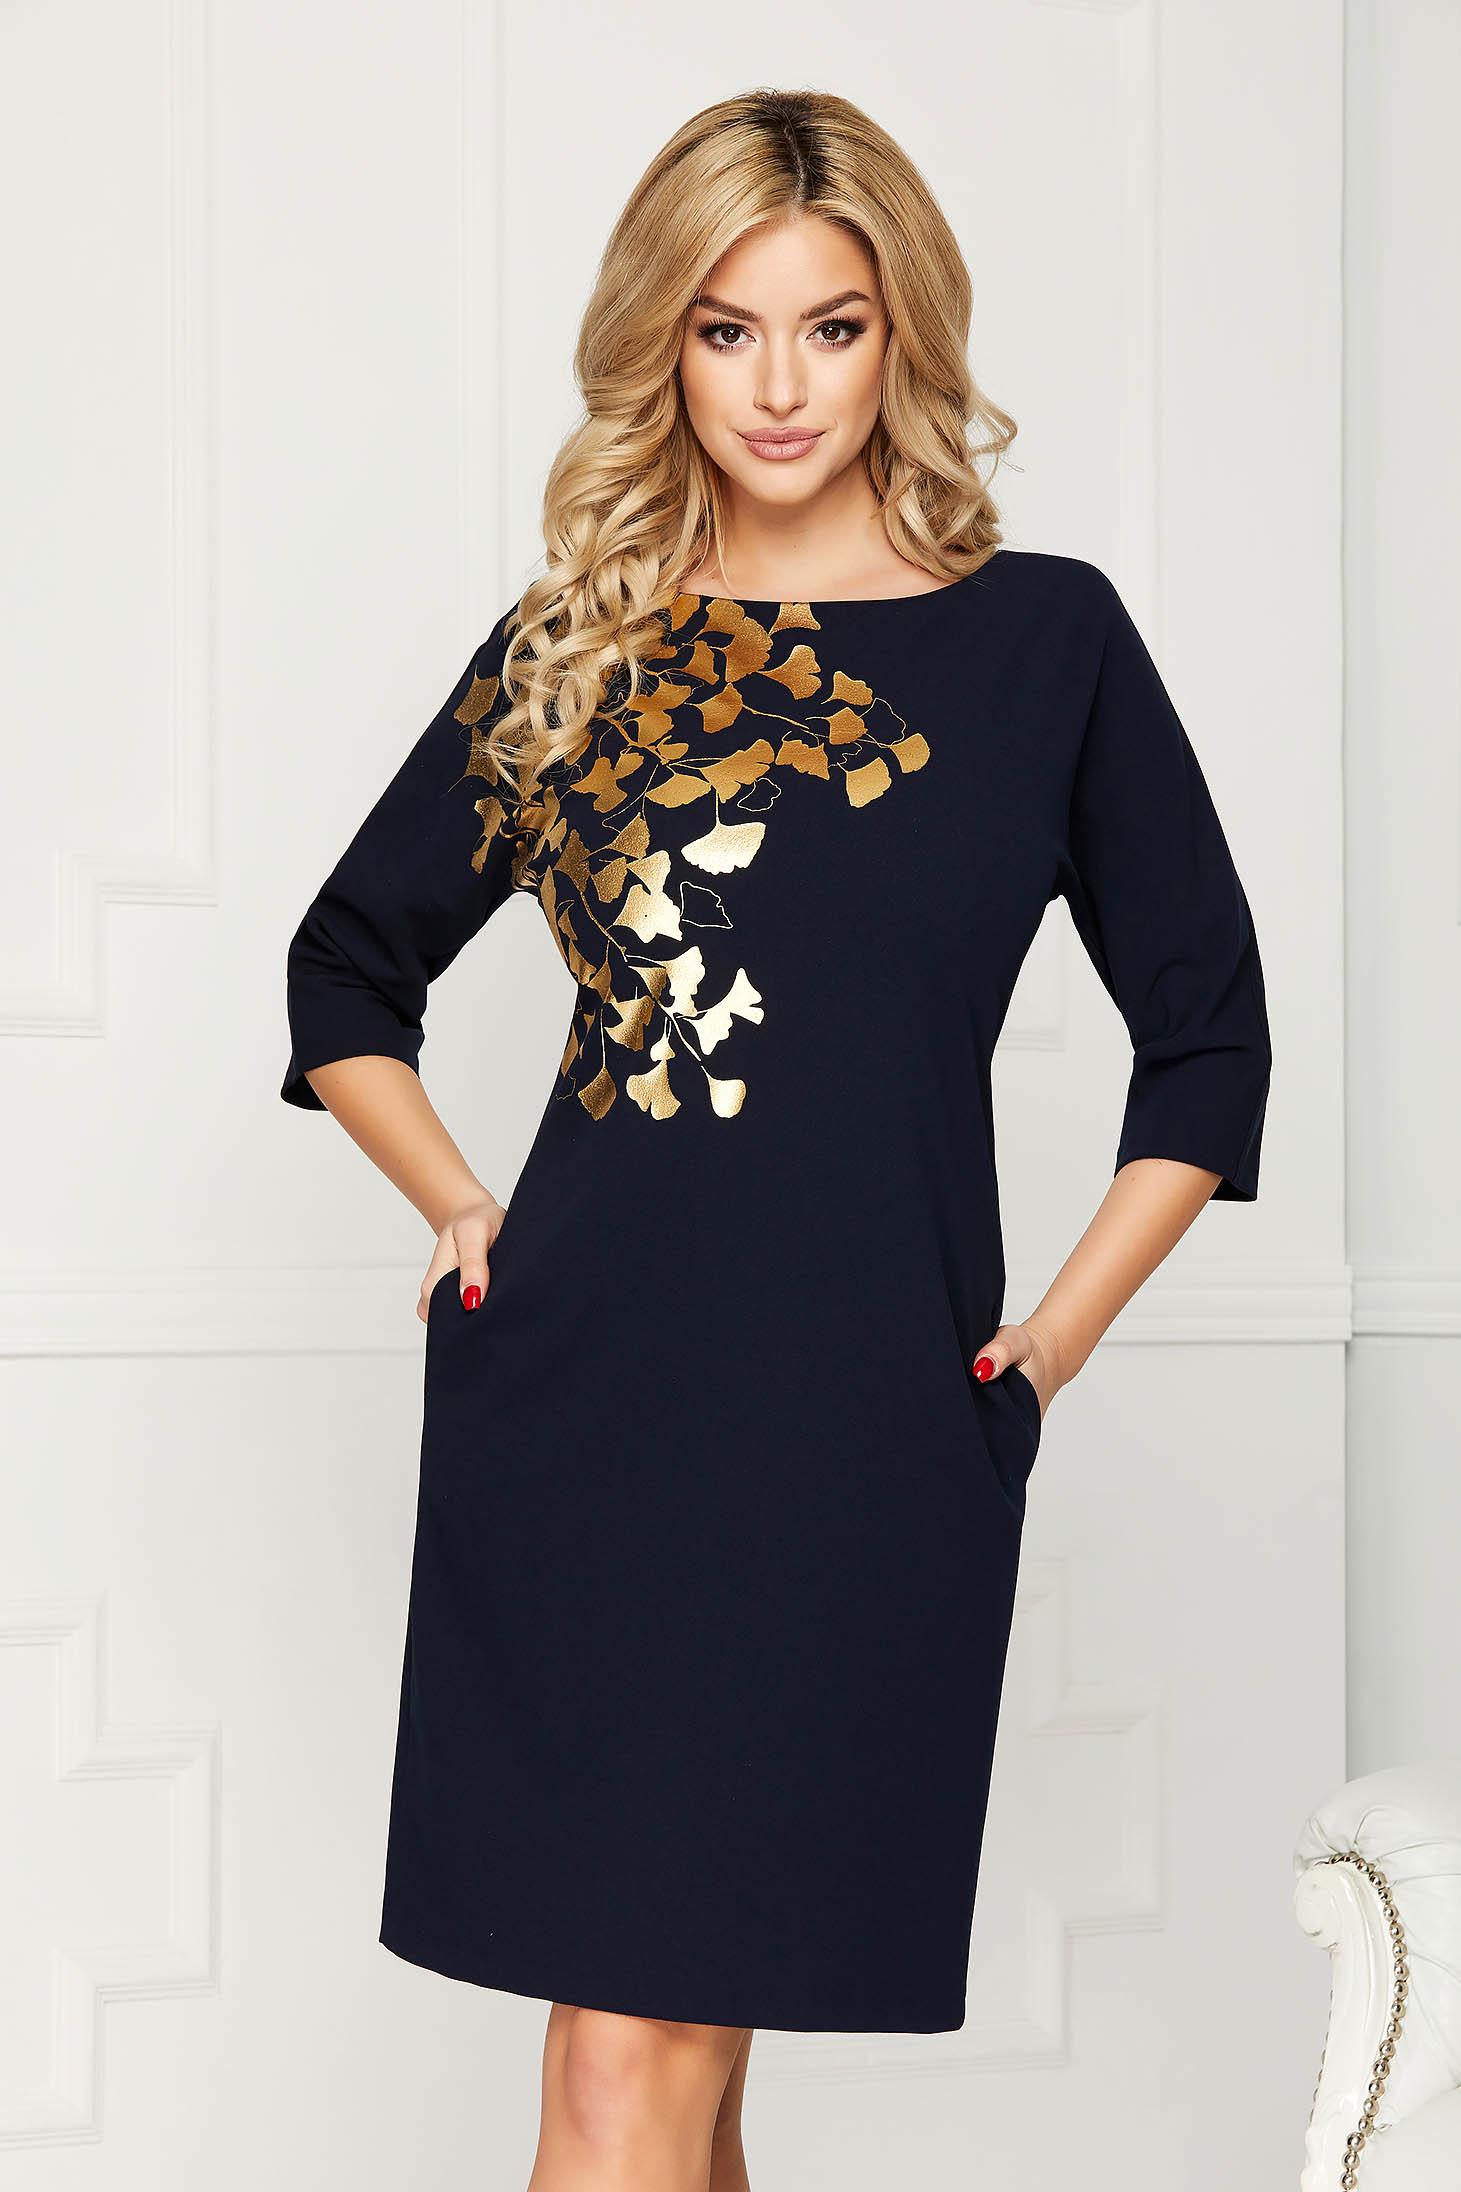 Rochie albastru-inchis eleganta midi din stofa cu un croi drept cu buzunare si imprimeuri florale aurii